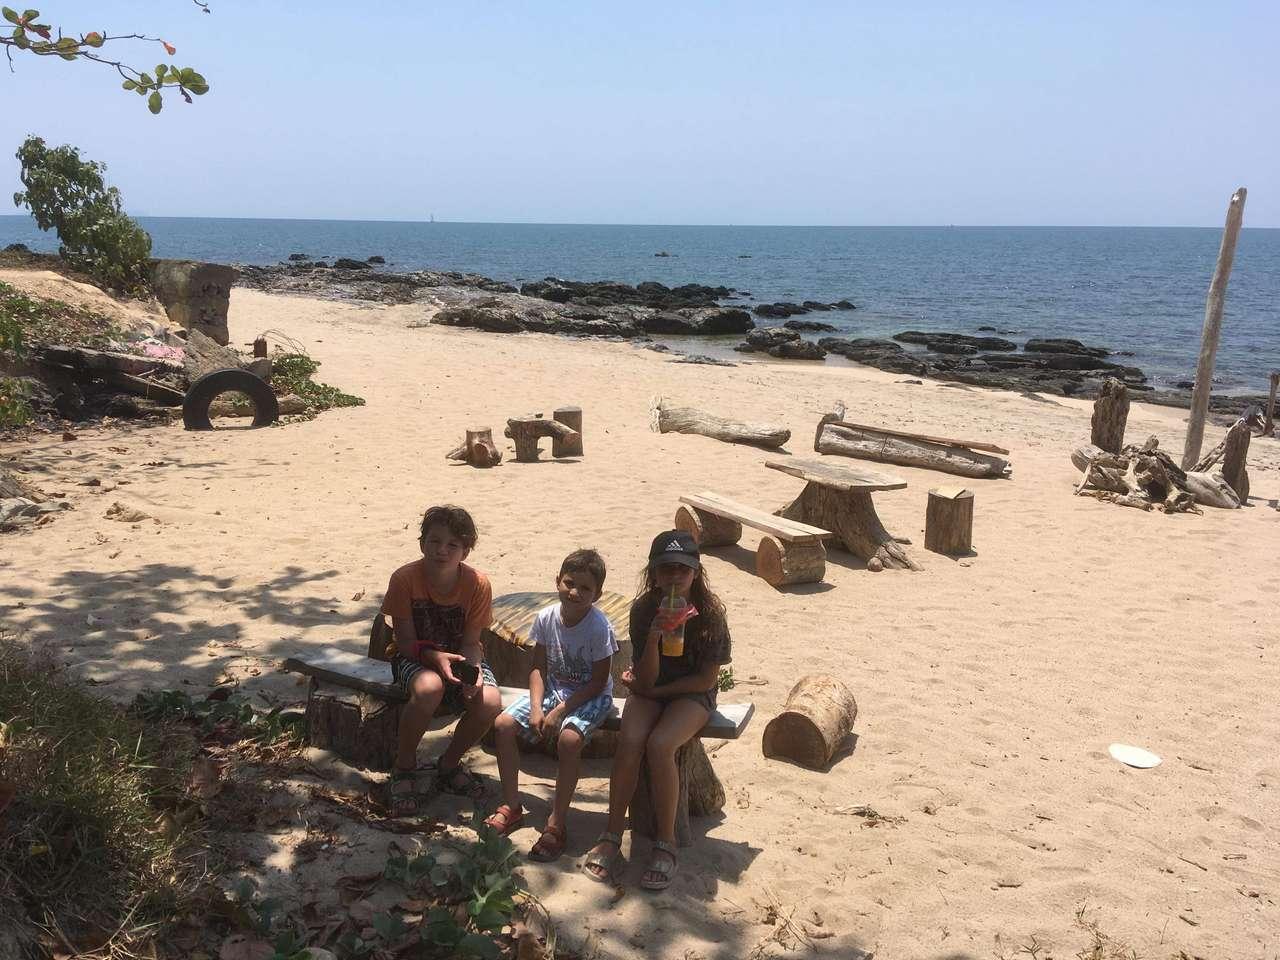 Havssidan - 3 syskon på stranden (12×9)